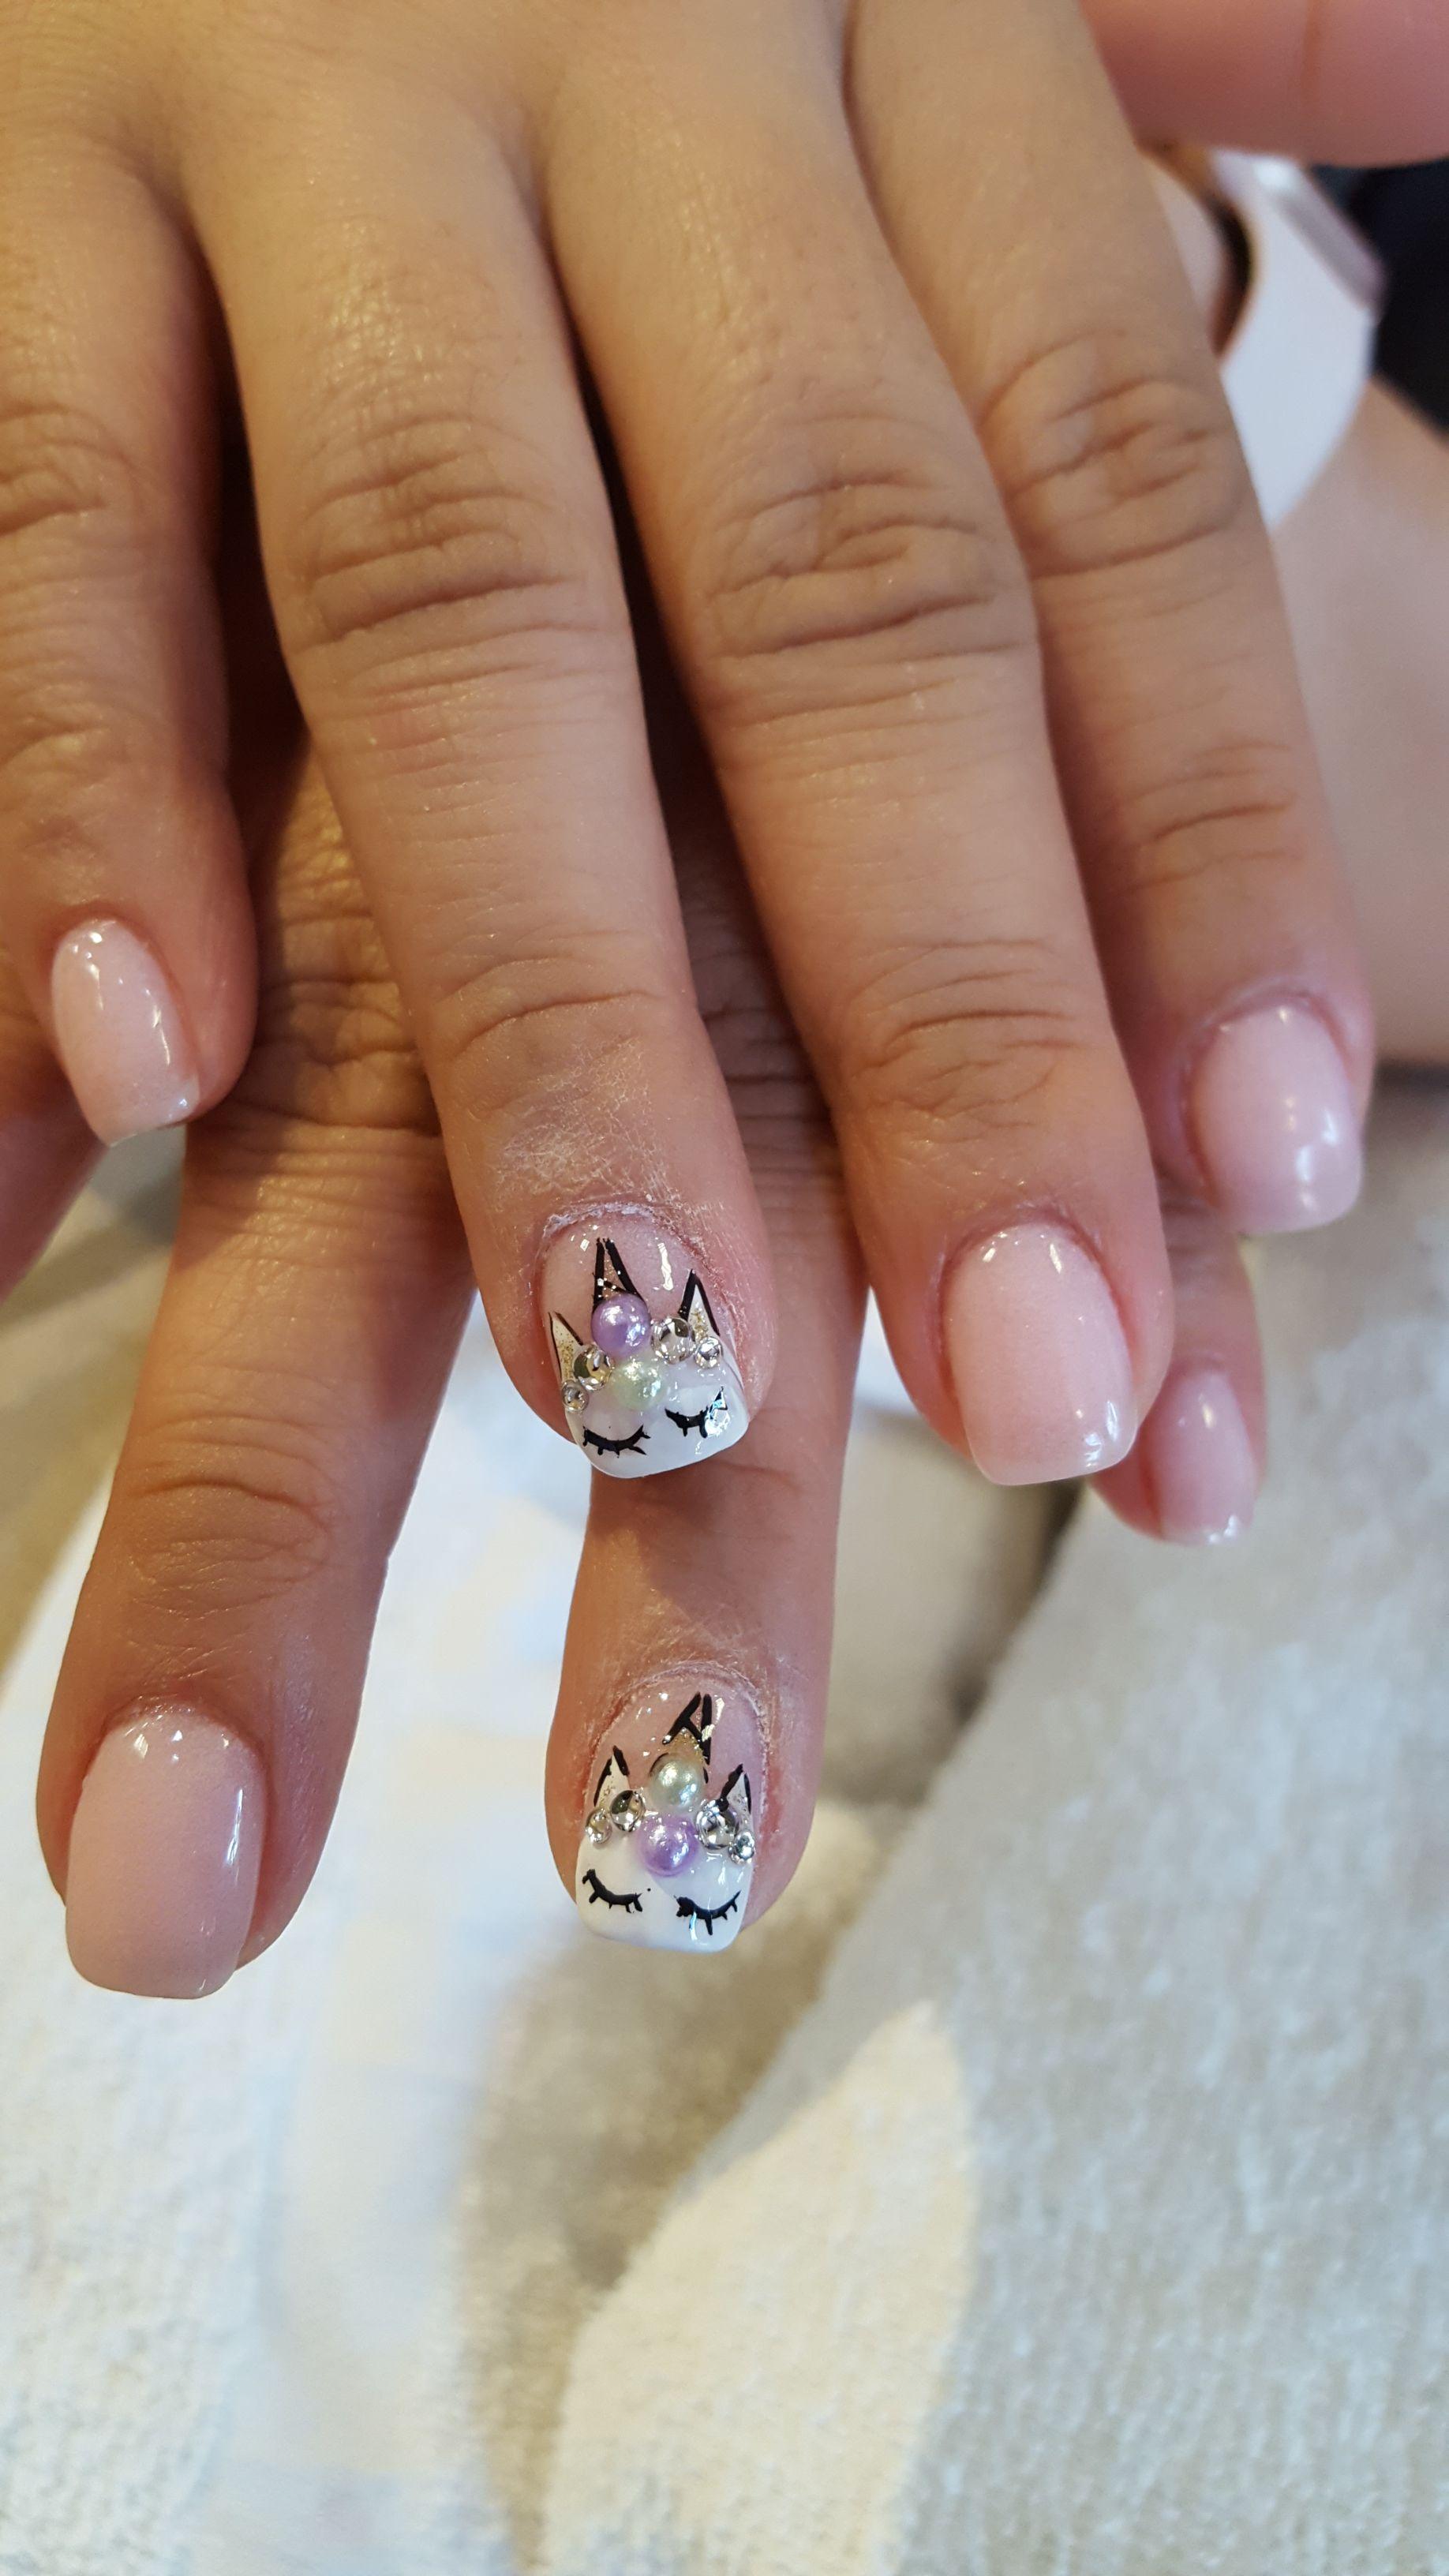 Unicorn Hand Art Nail Designs Dip Powder Set At Brilliant Nails